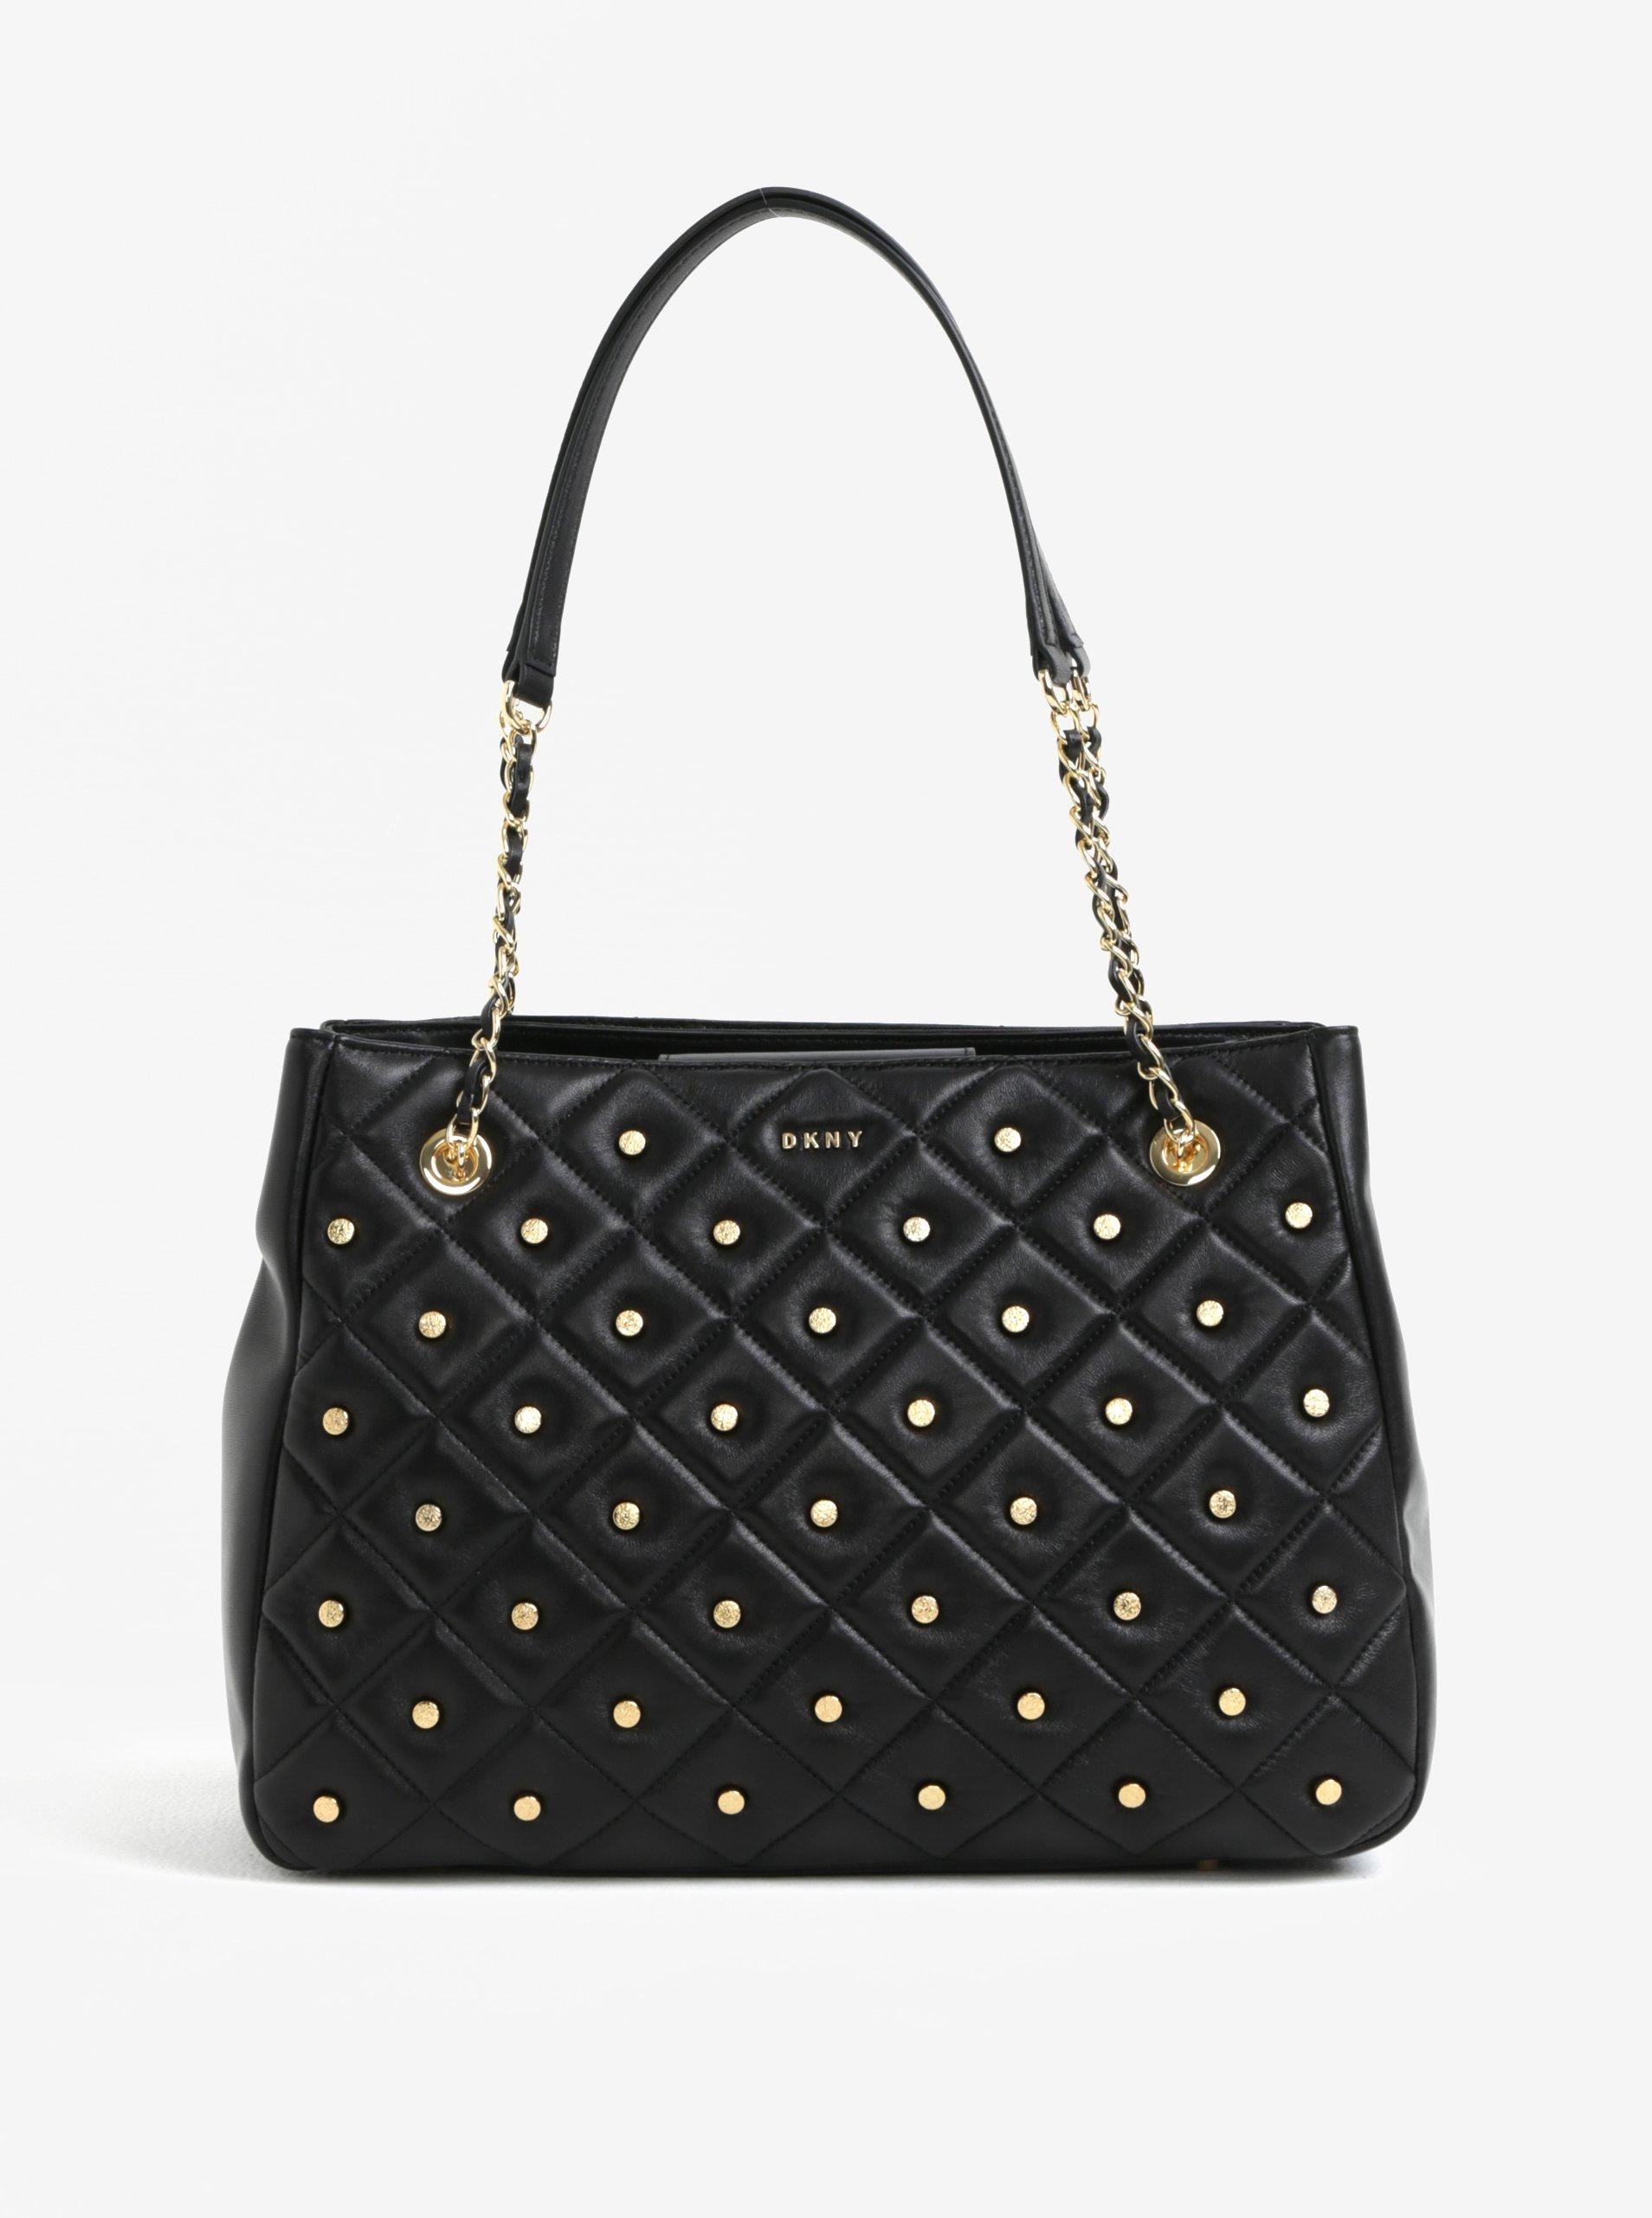 Čierna veľká kožená kabelka s detailmi v zlatej farbe DKNY Barbara